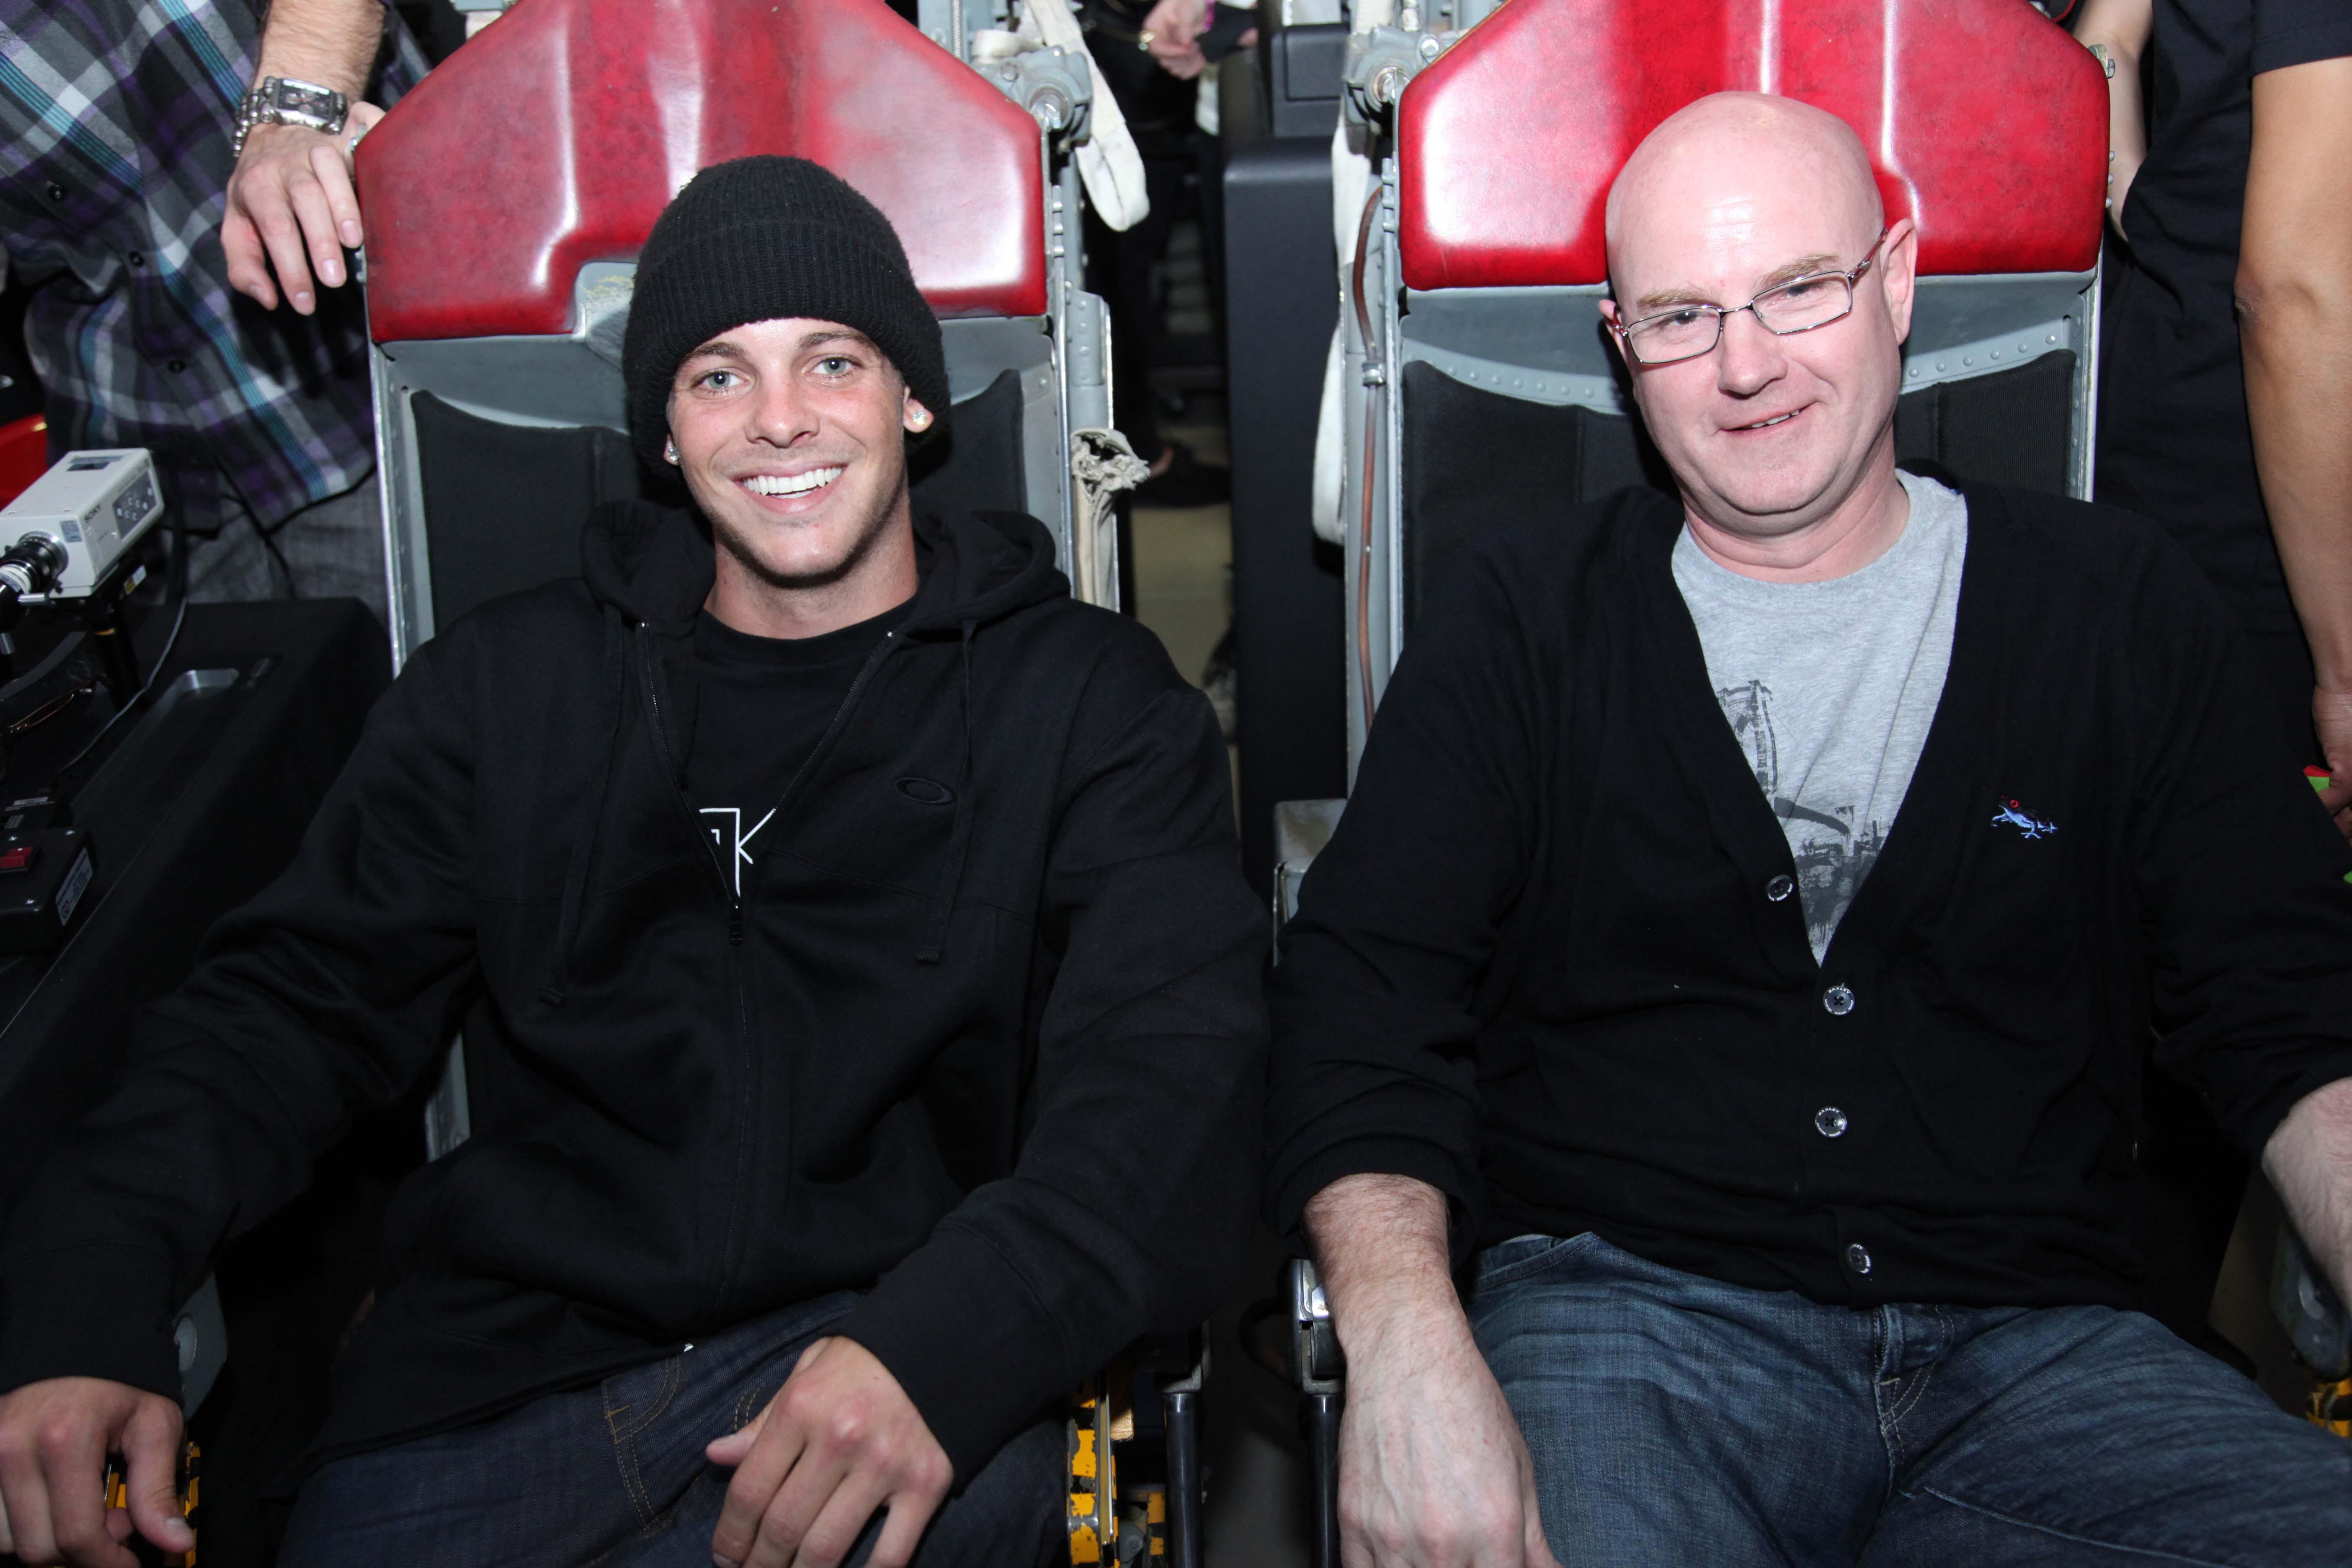 Ryan and Oakley CEO Colin Baden